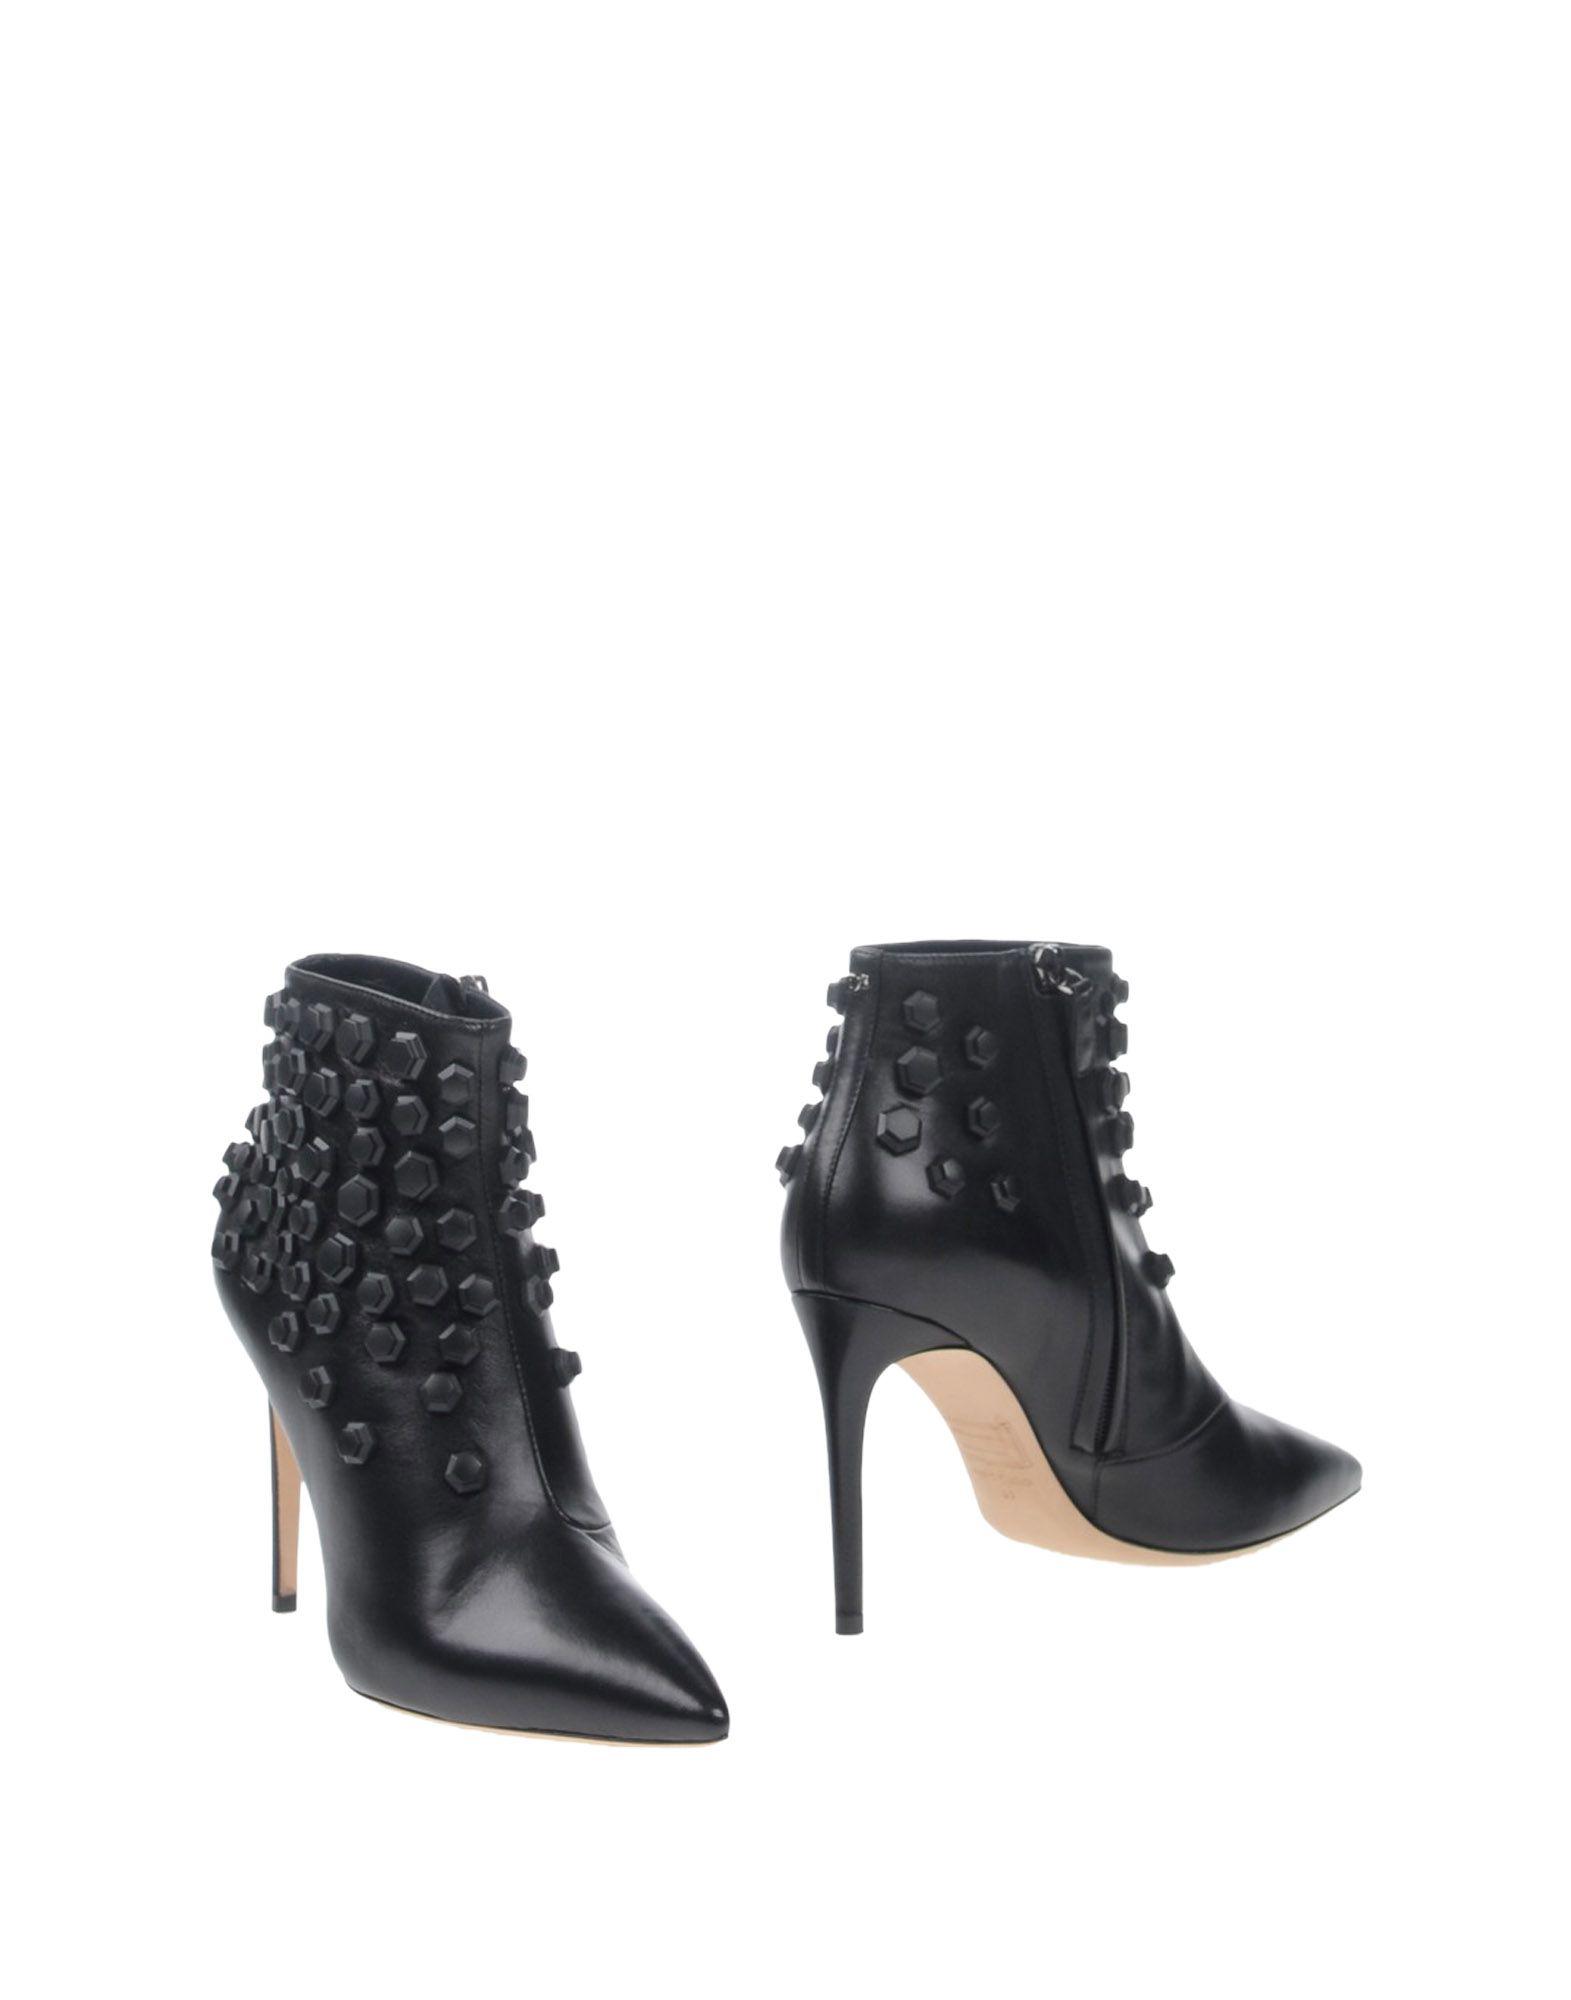 Dsquared2 Stiefelette aussehende Damen  11265980AGGünstige gut aussehende Stiefelette Schuhe 90705d